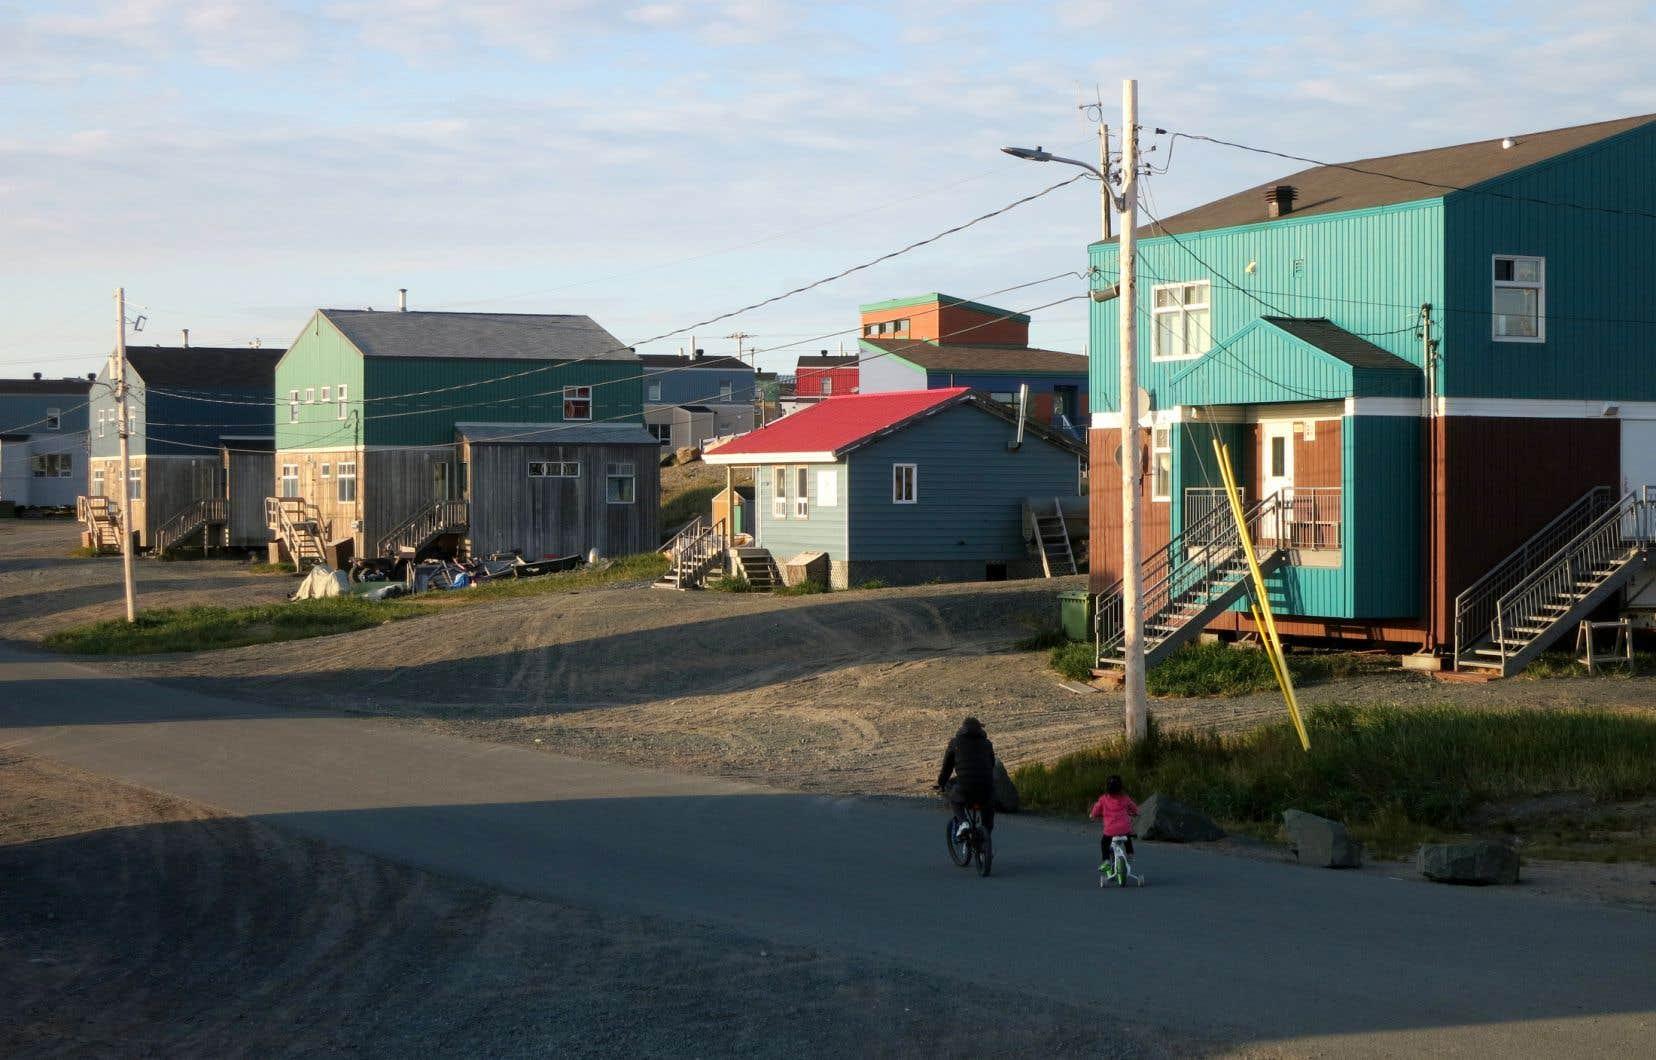 «Le Nunavik est prêt pour que le Corps de police régional Kativik soit dirigé par une personne inuite civile. Le Nunavik a besoin de services de protection de la jeunesse qui reflètent les valeurs, la culture et la langue des Inuits et d'un système de justice qui est établi au Nord et permet aux Inuits d'exercer pleinement leurs droits», plaide Charlie Watt, le président de la Société Makivik.